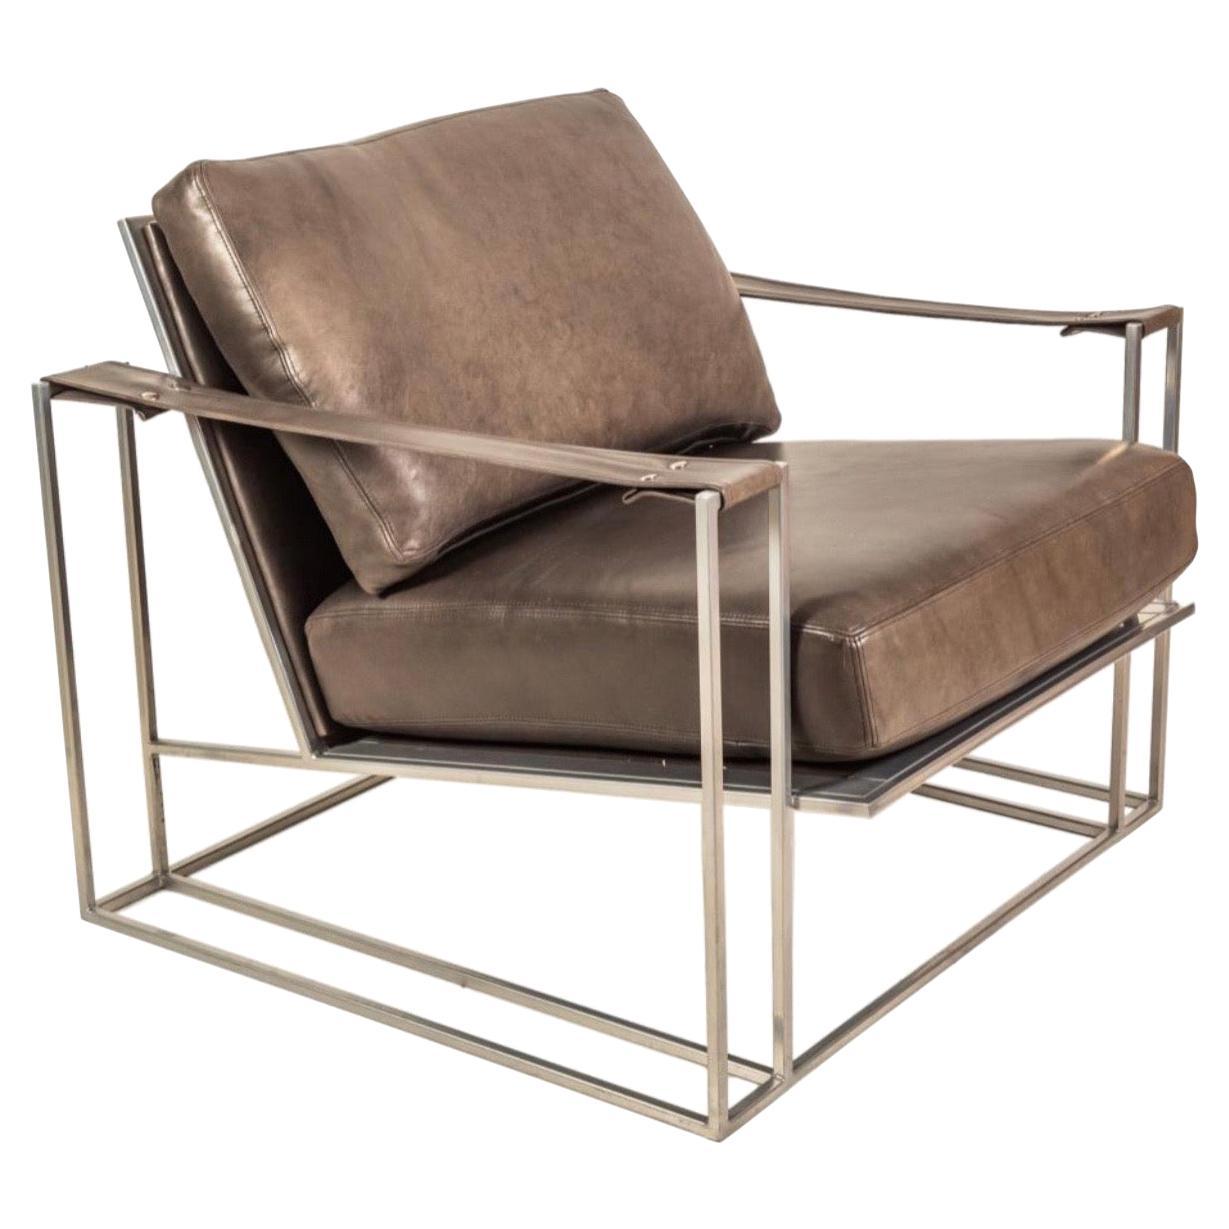 Milo Baughman Arm Chairs